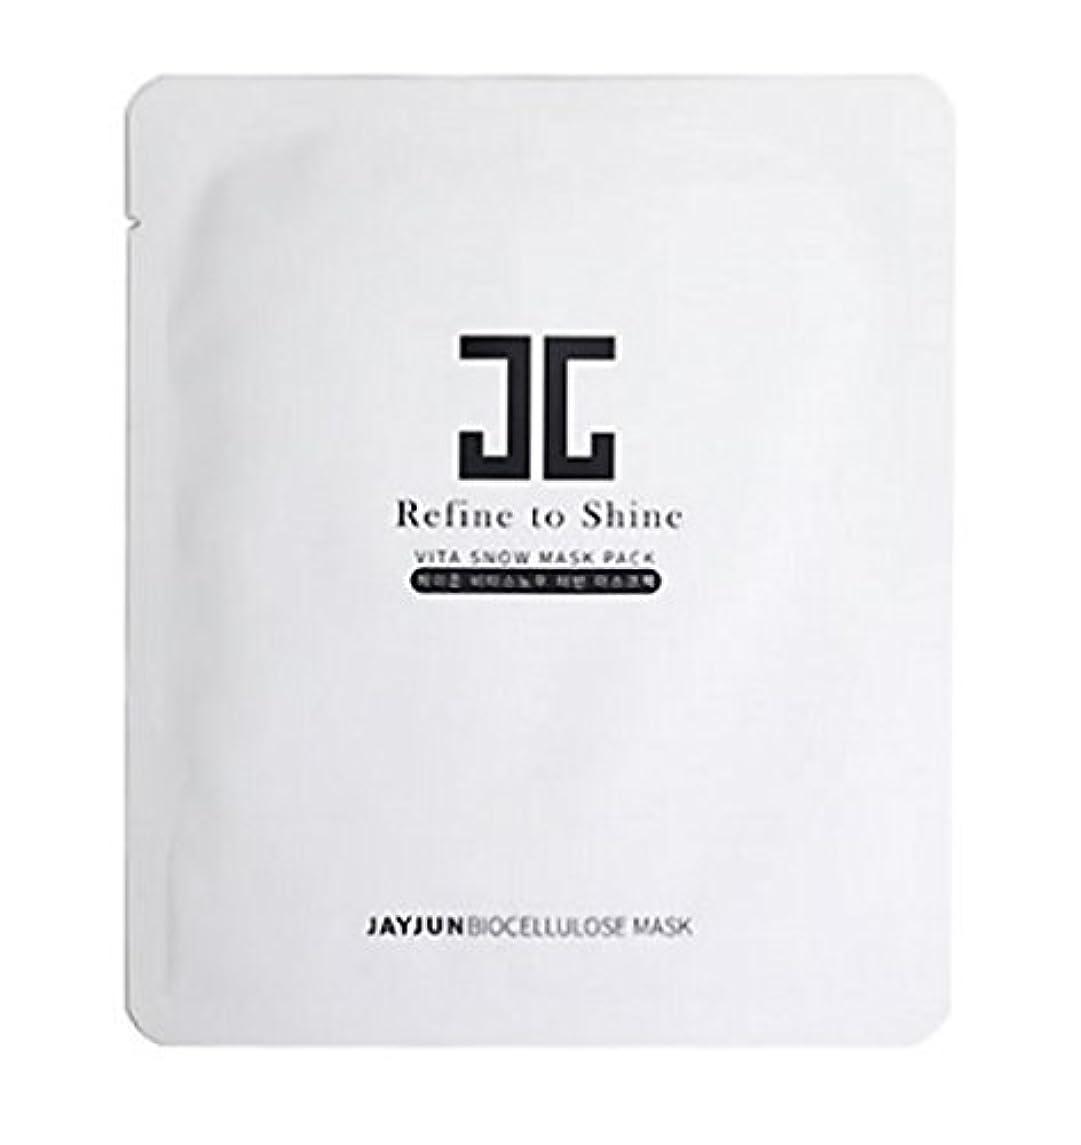 副産物傘おしゃれじゃないJAYJUN ジェイジュン ヴィタスノー プレミアム バイオセルロース プラセンタフェイシャルマスク[5枚入り]Vita Snow Premium Bio Cellulose placenta Facial Mask [5枚入り] [並行輸入品]